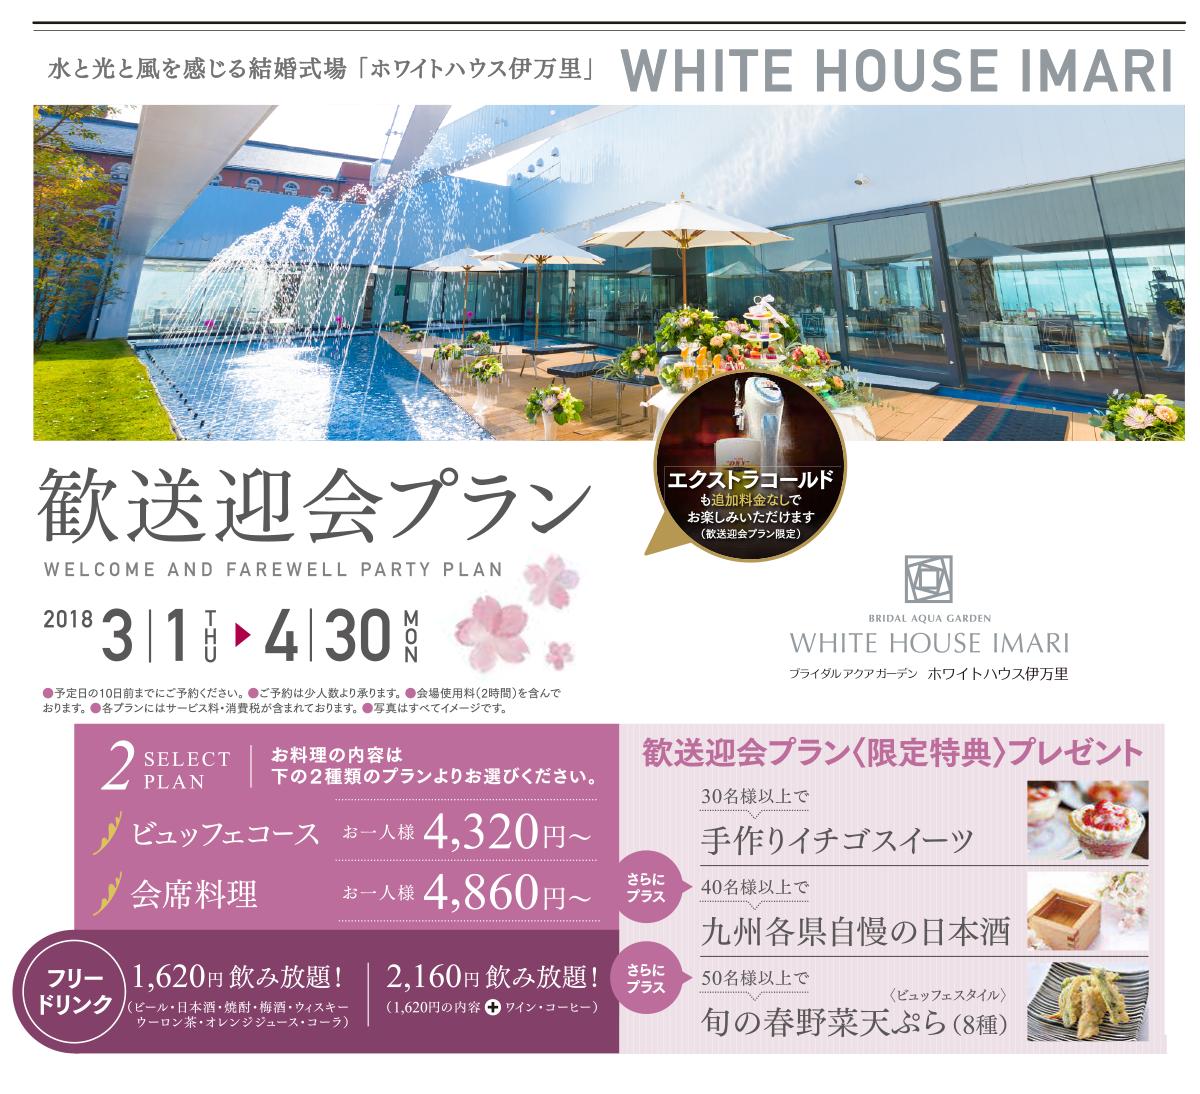 ホワイトハウス伊万里宴会プラン内容